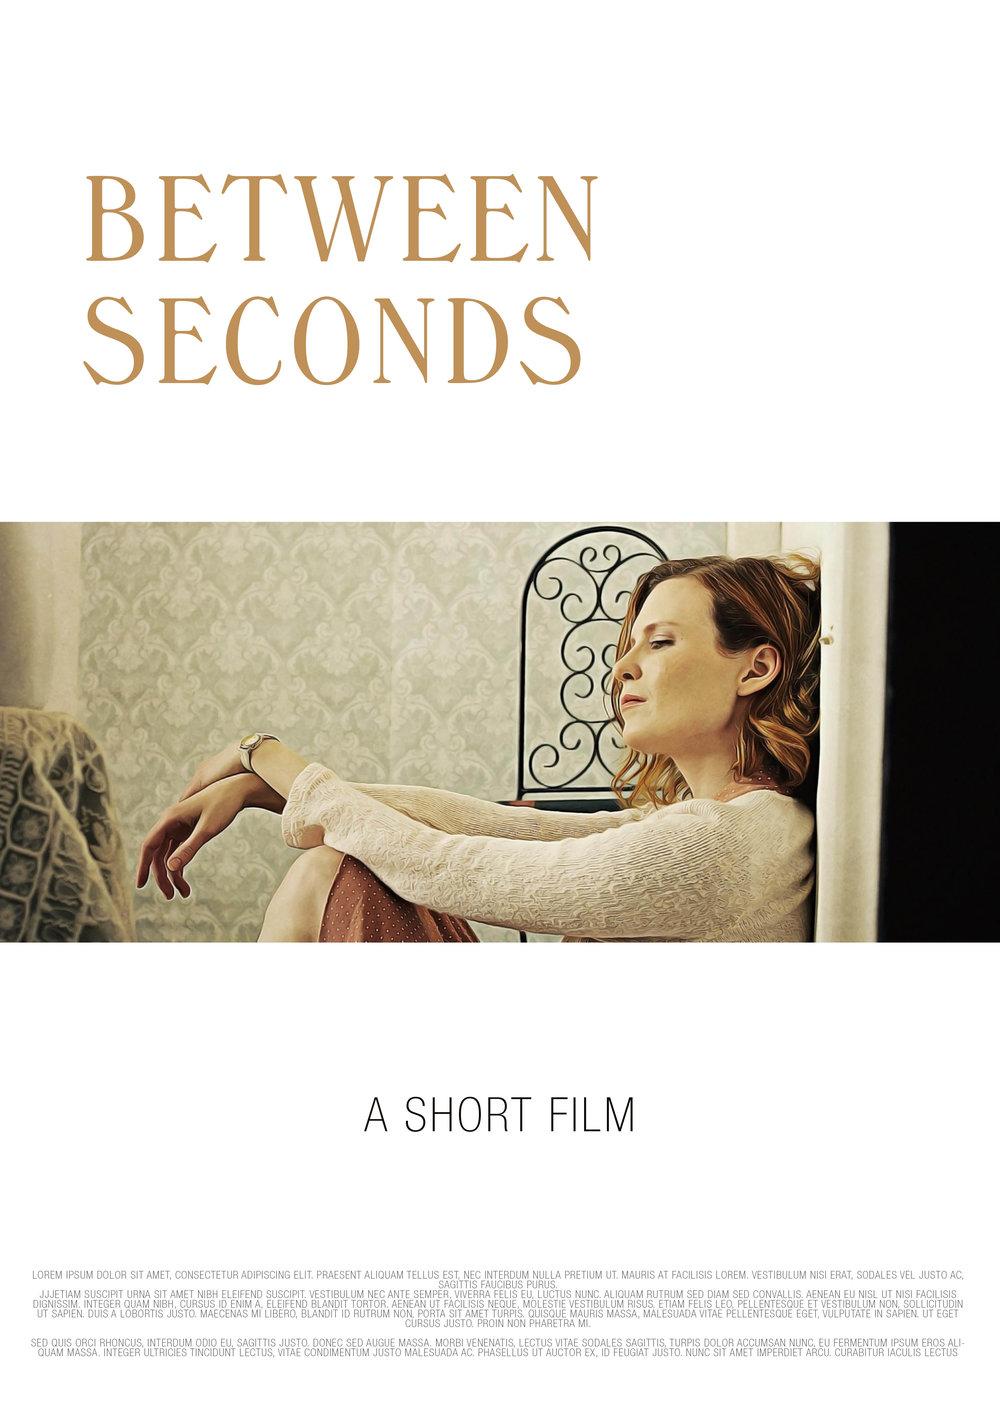 Between Seconds